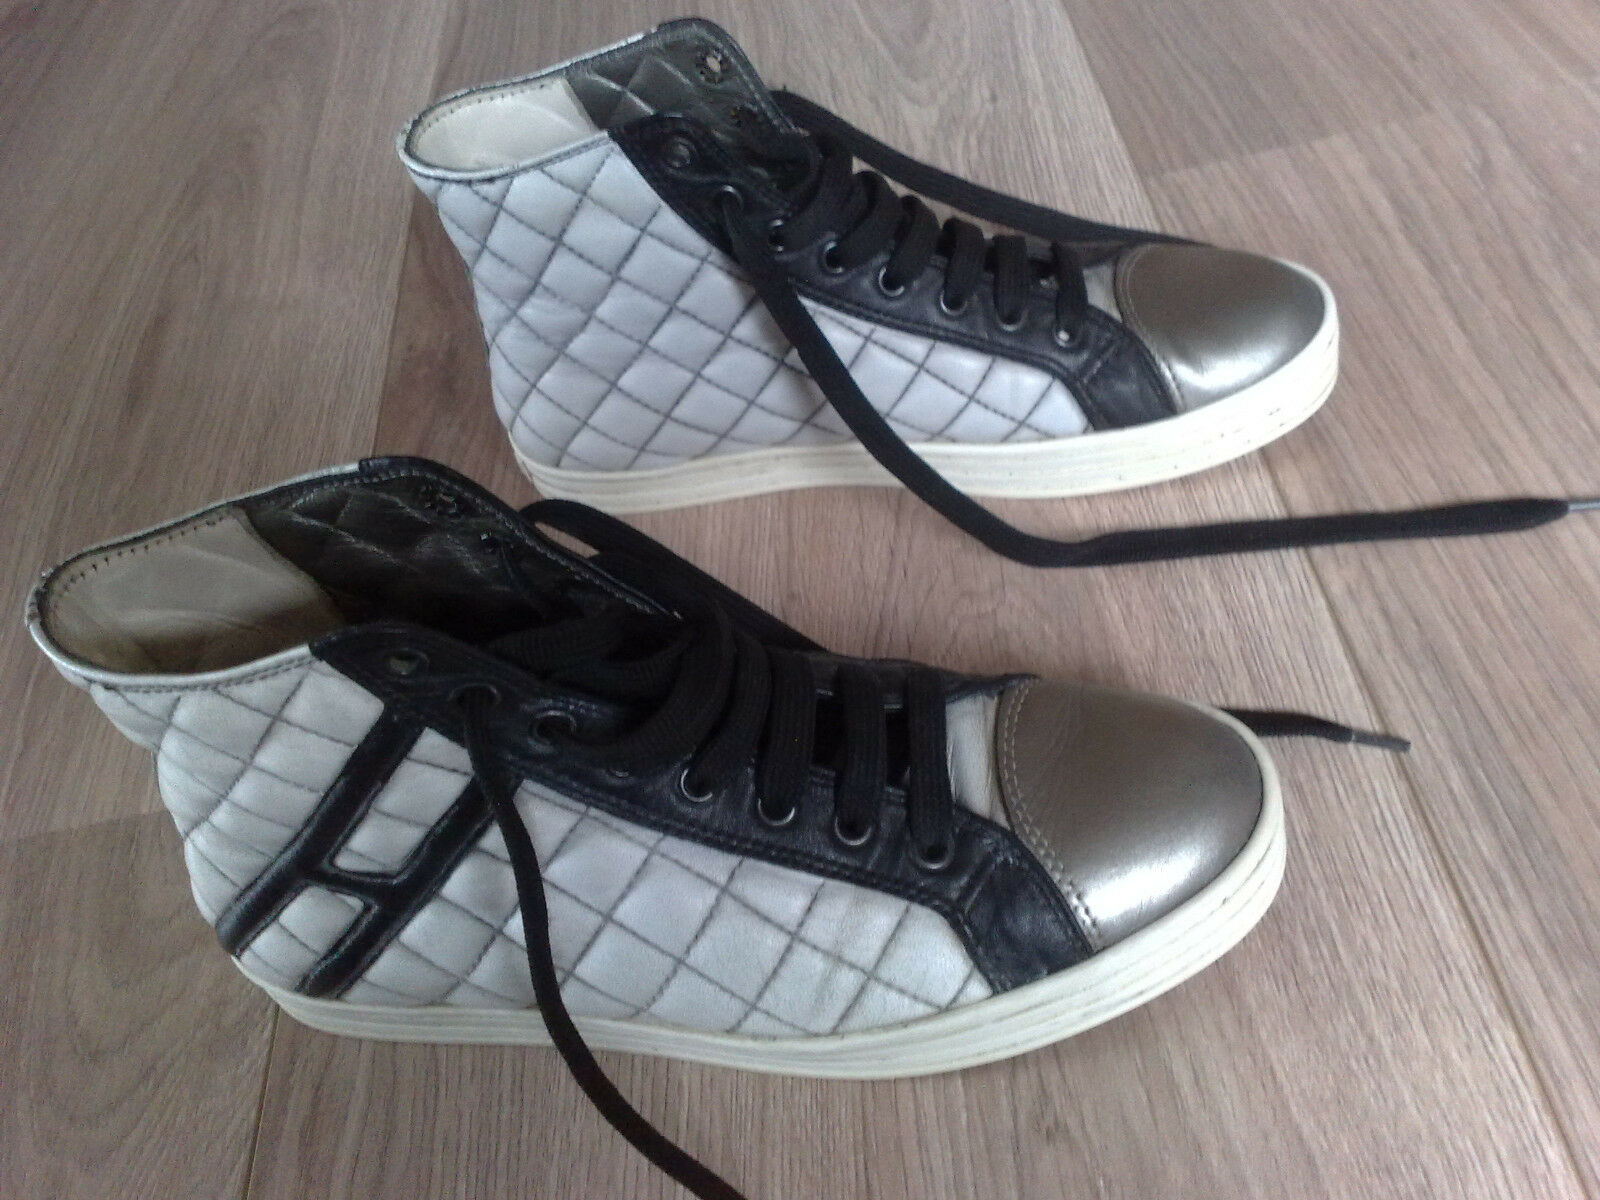 HOGBN REBEL Turnschuh-Sneaker Größe 37 weiß-schwarz-silber